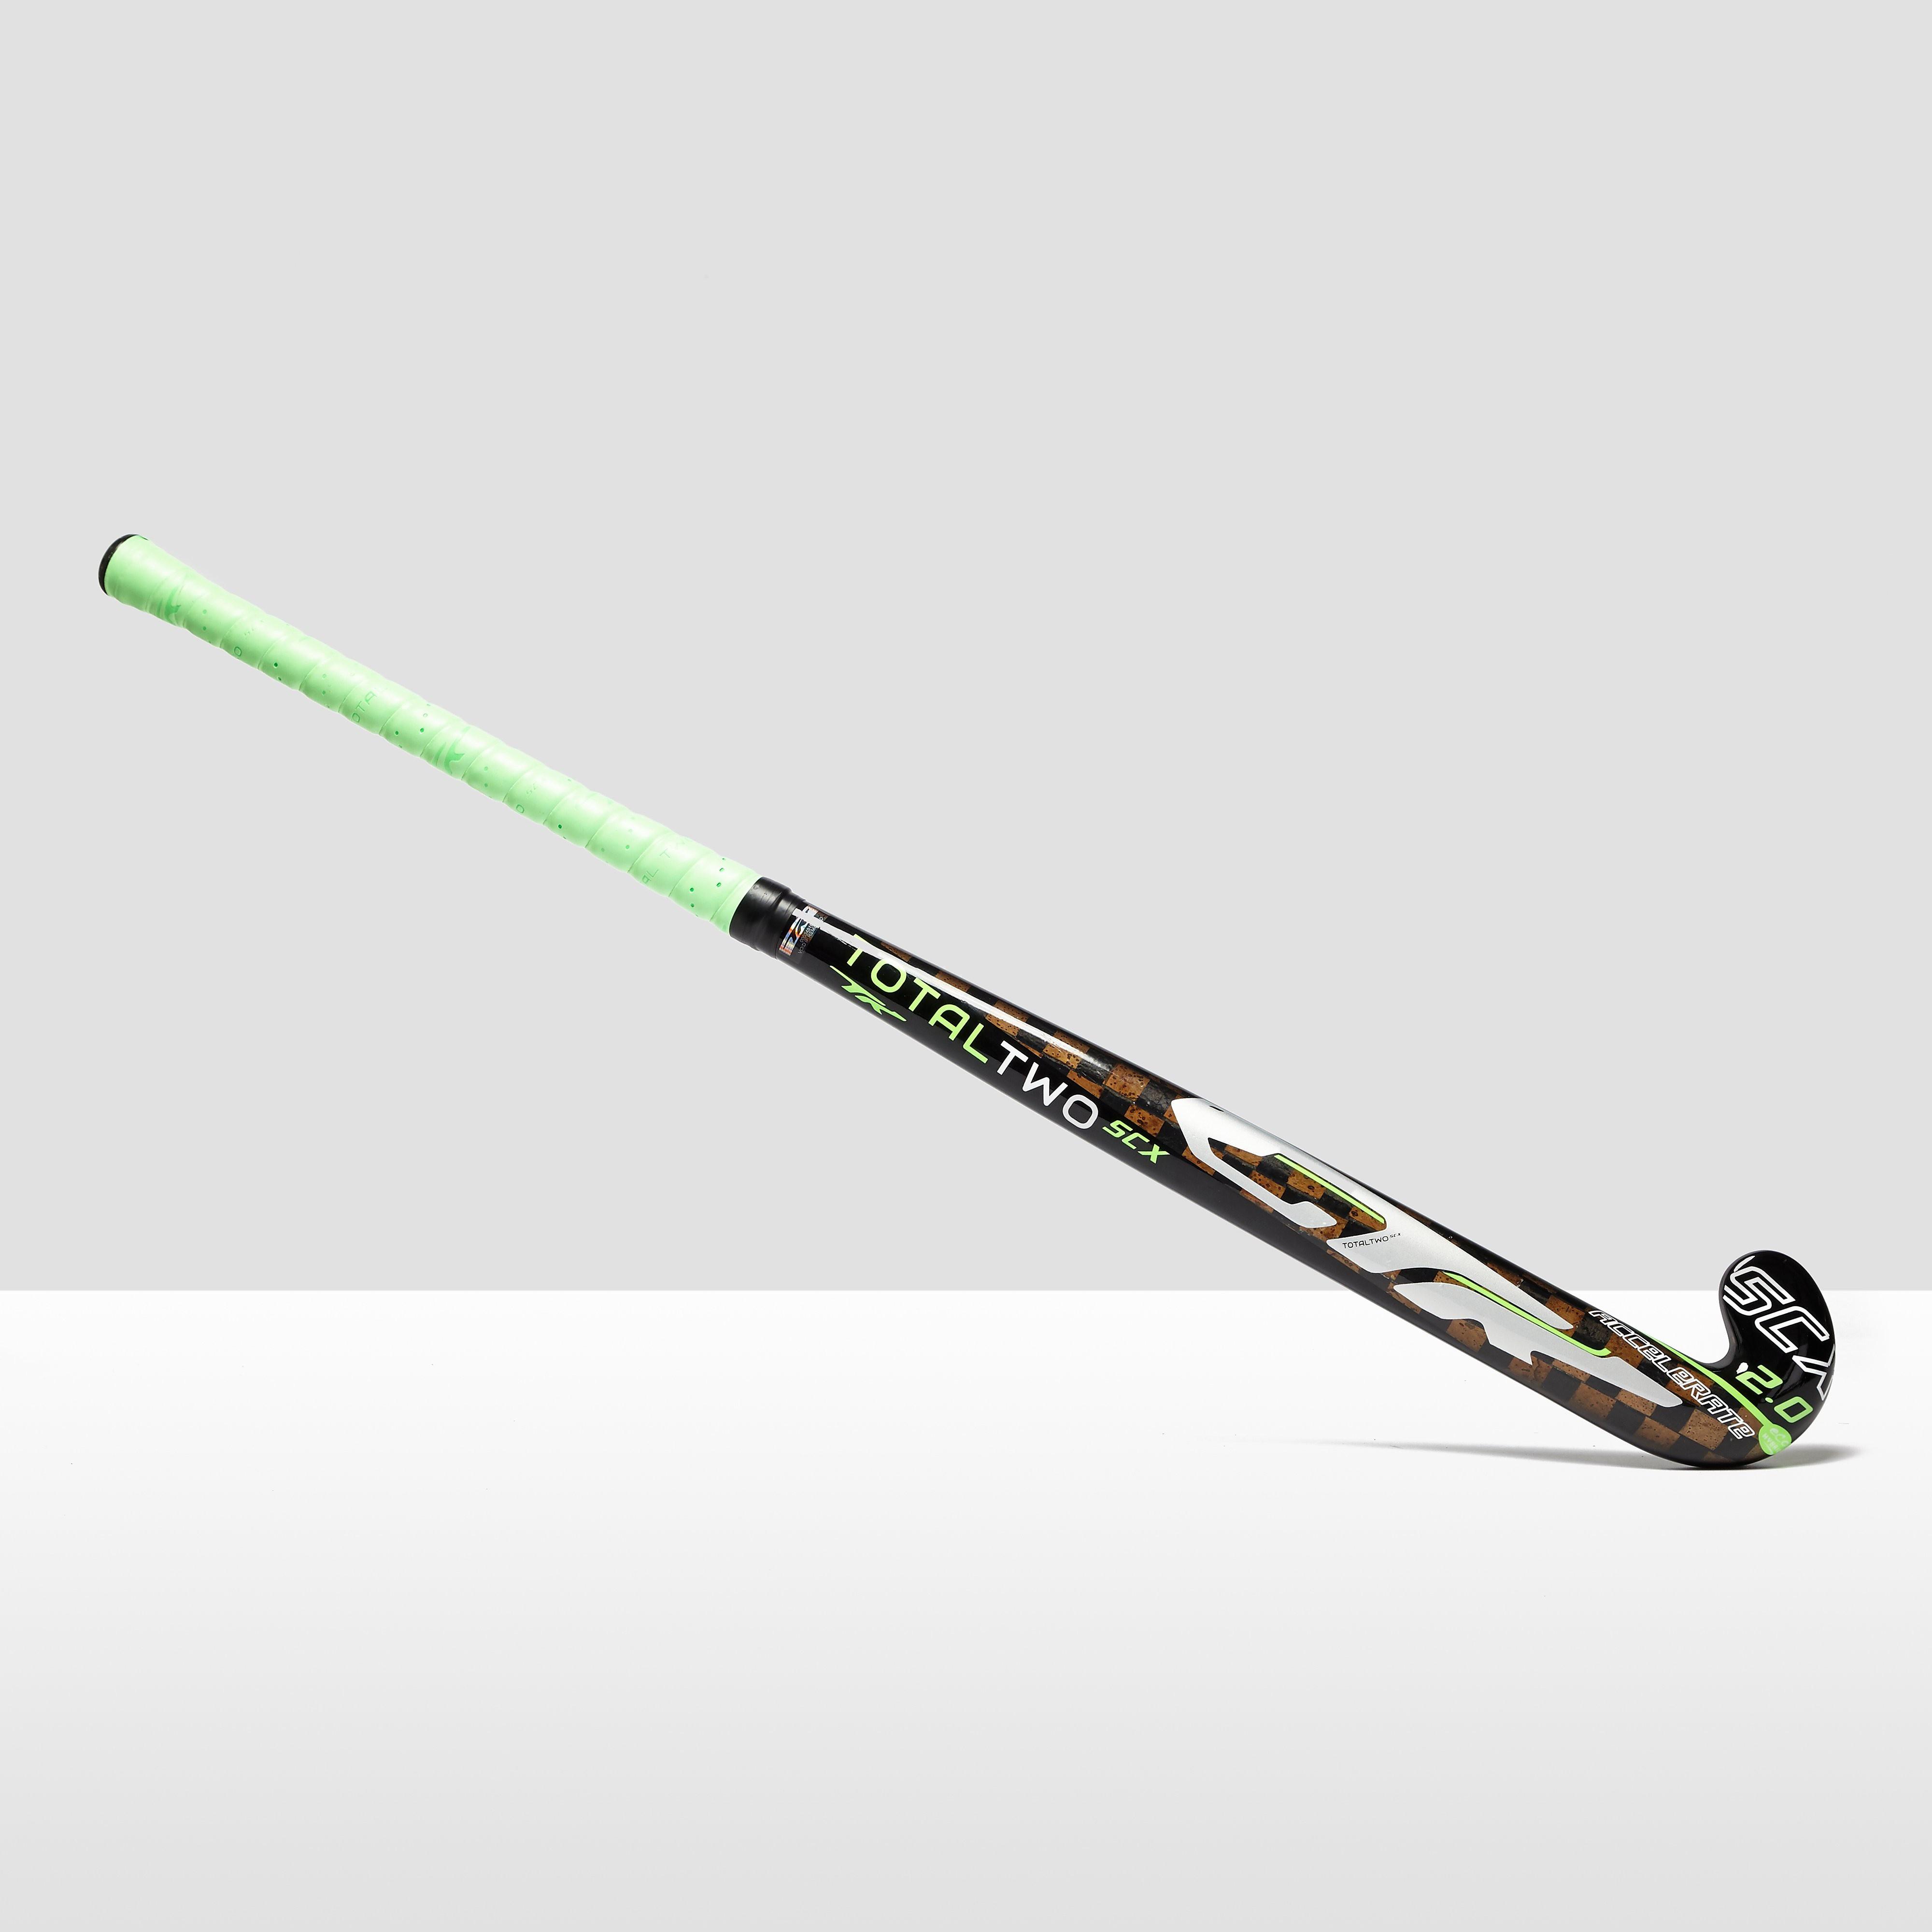 TK Hockey Total Two Scx 2.0 Eco Hybrid Hockey Stick